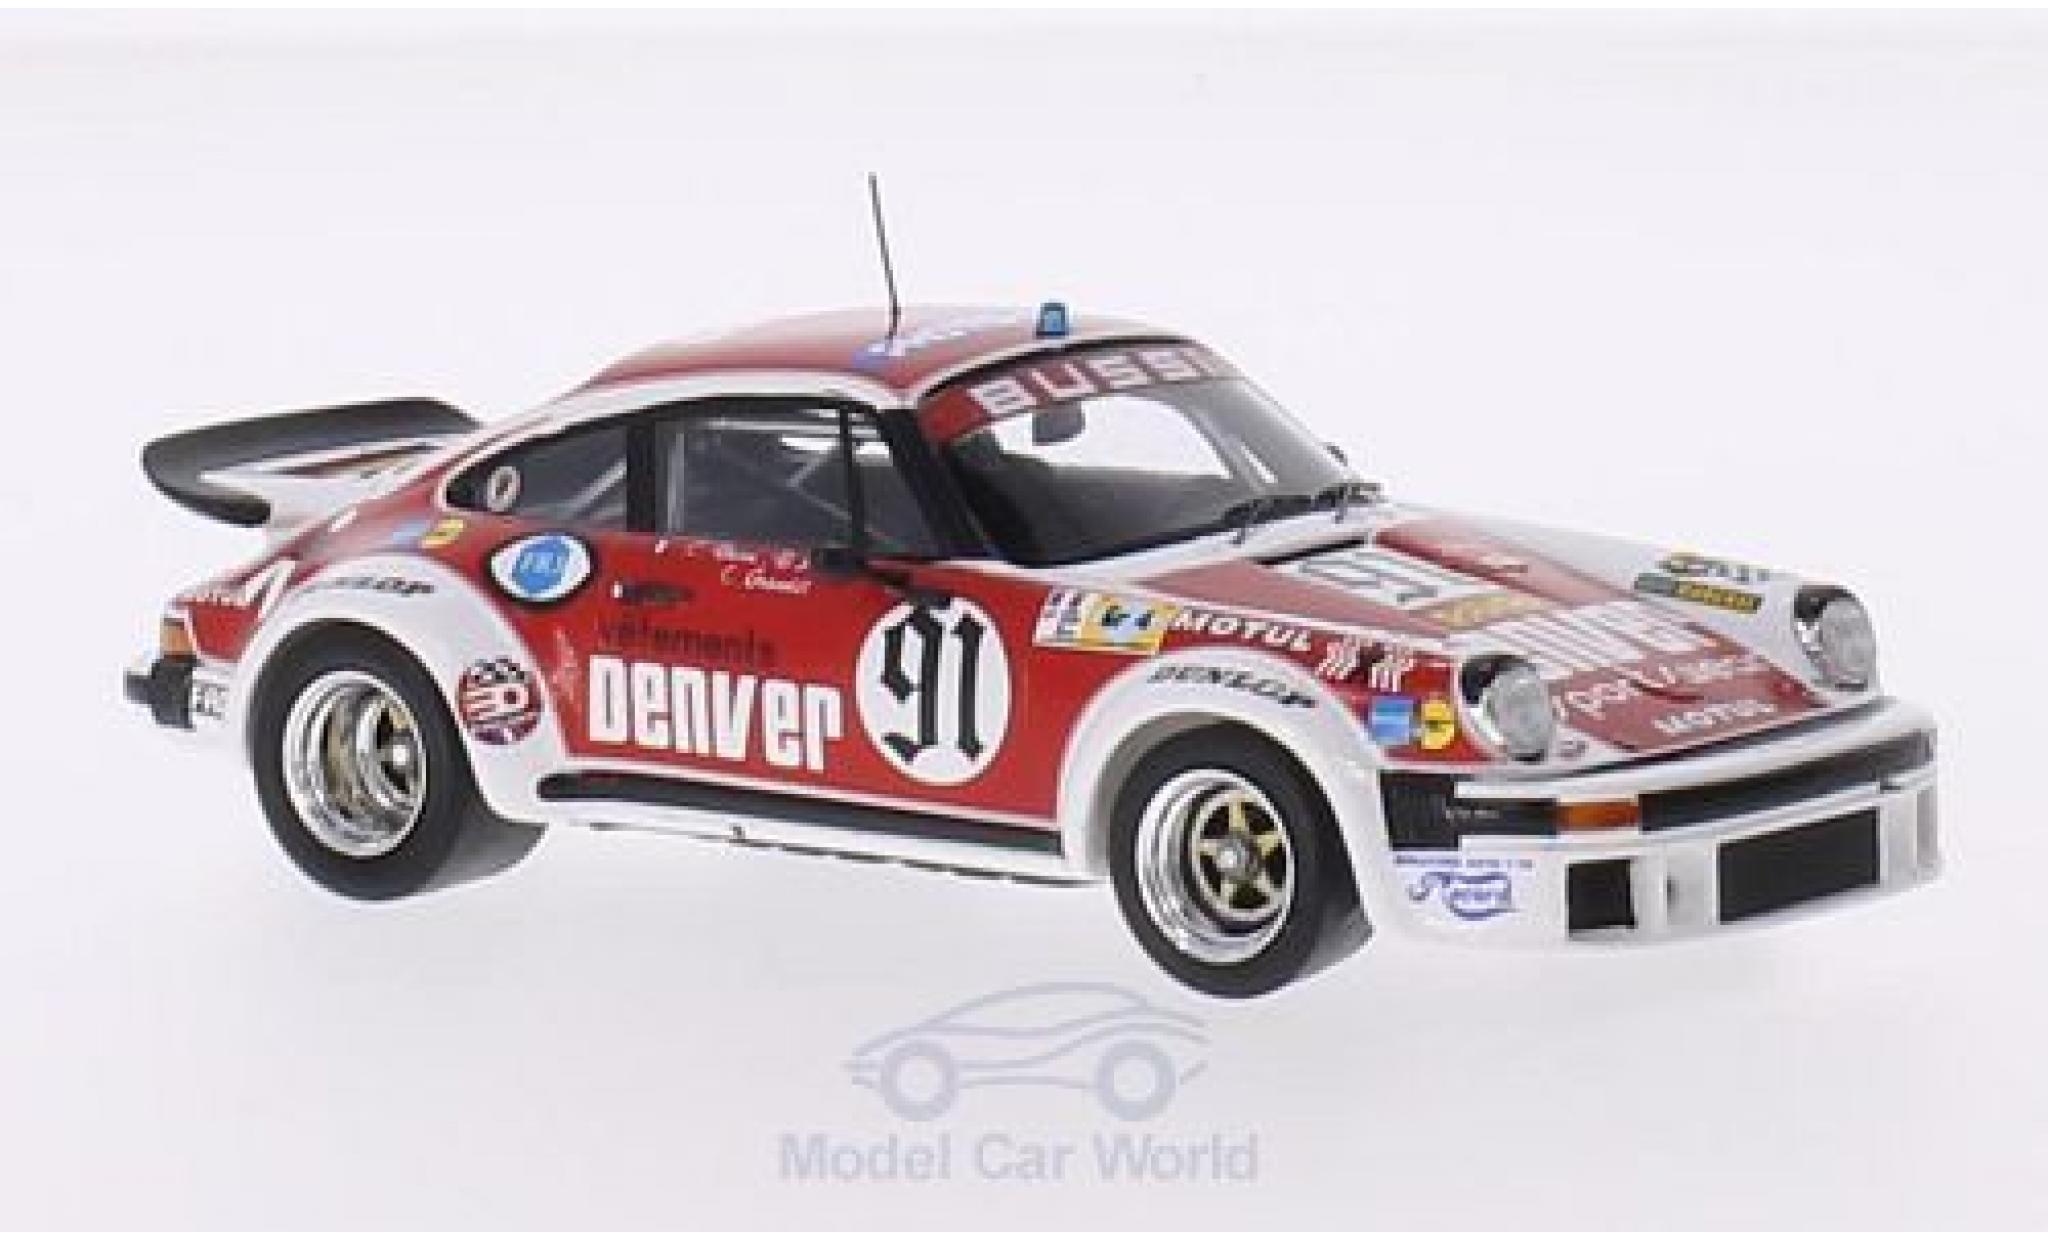 Porsche 934 1980 1/43 Spark No.91 Denver 24h Le Mans C.Bussi/B.Salam/C.Grandet